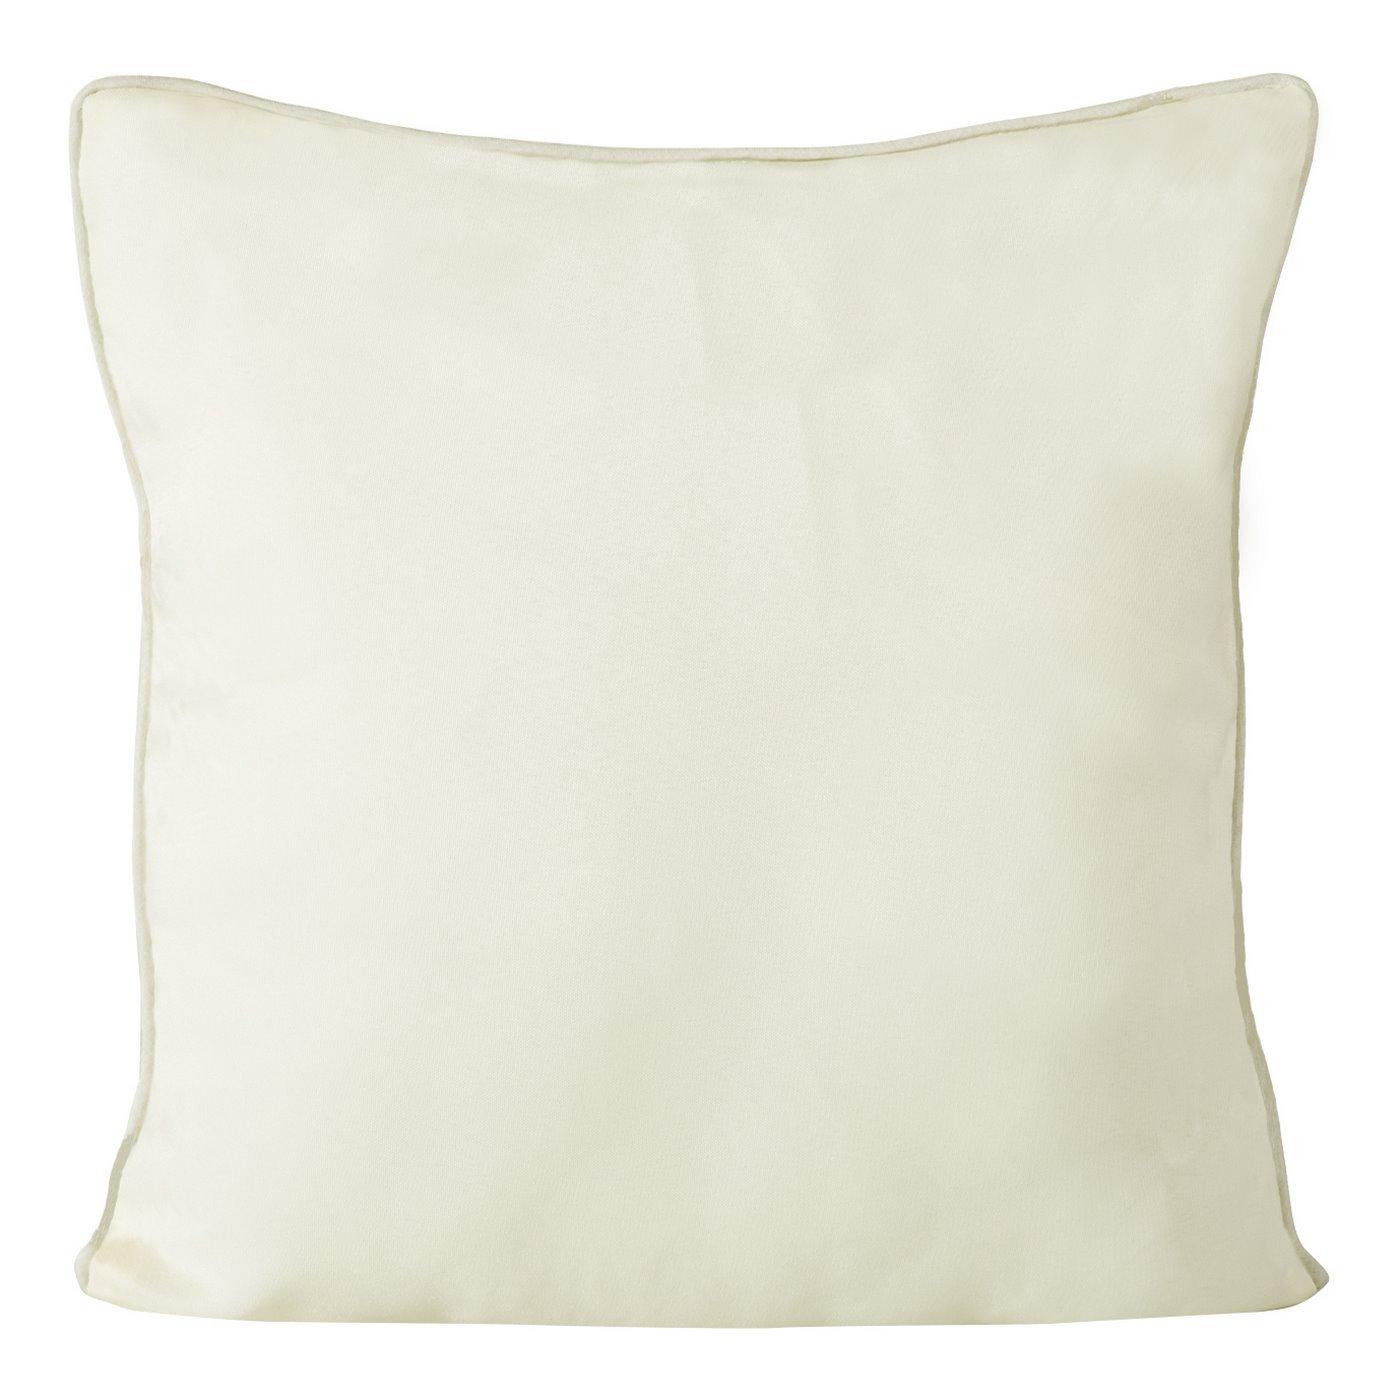 Poszewka na poduszkę gładka kremowa 40 x 40